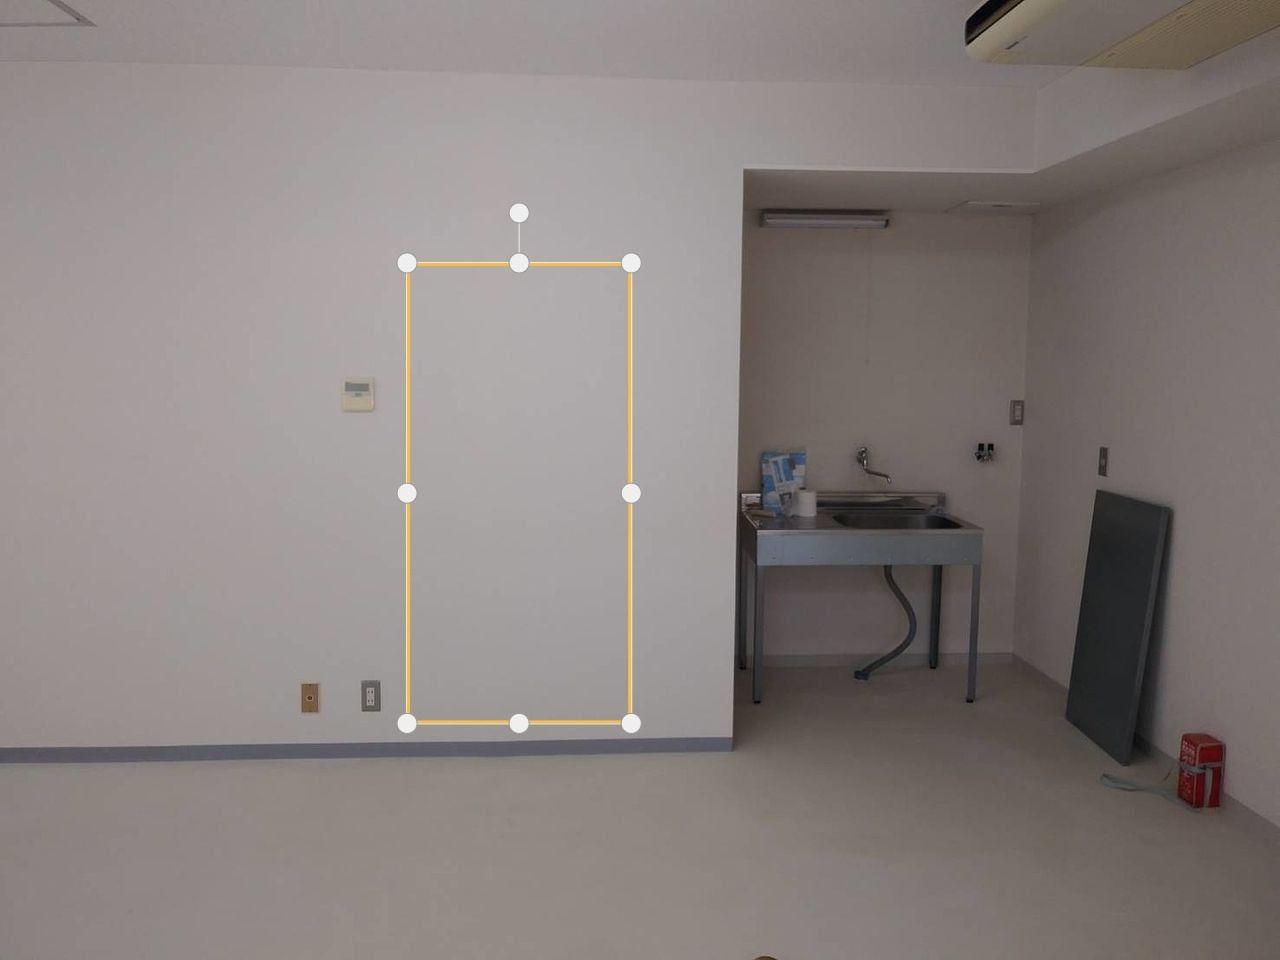 あなたの事務所、トイレの扉の位置が使いにくいと不評じゃありませんか?トイレの音漏れ防止工事をしました。